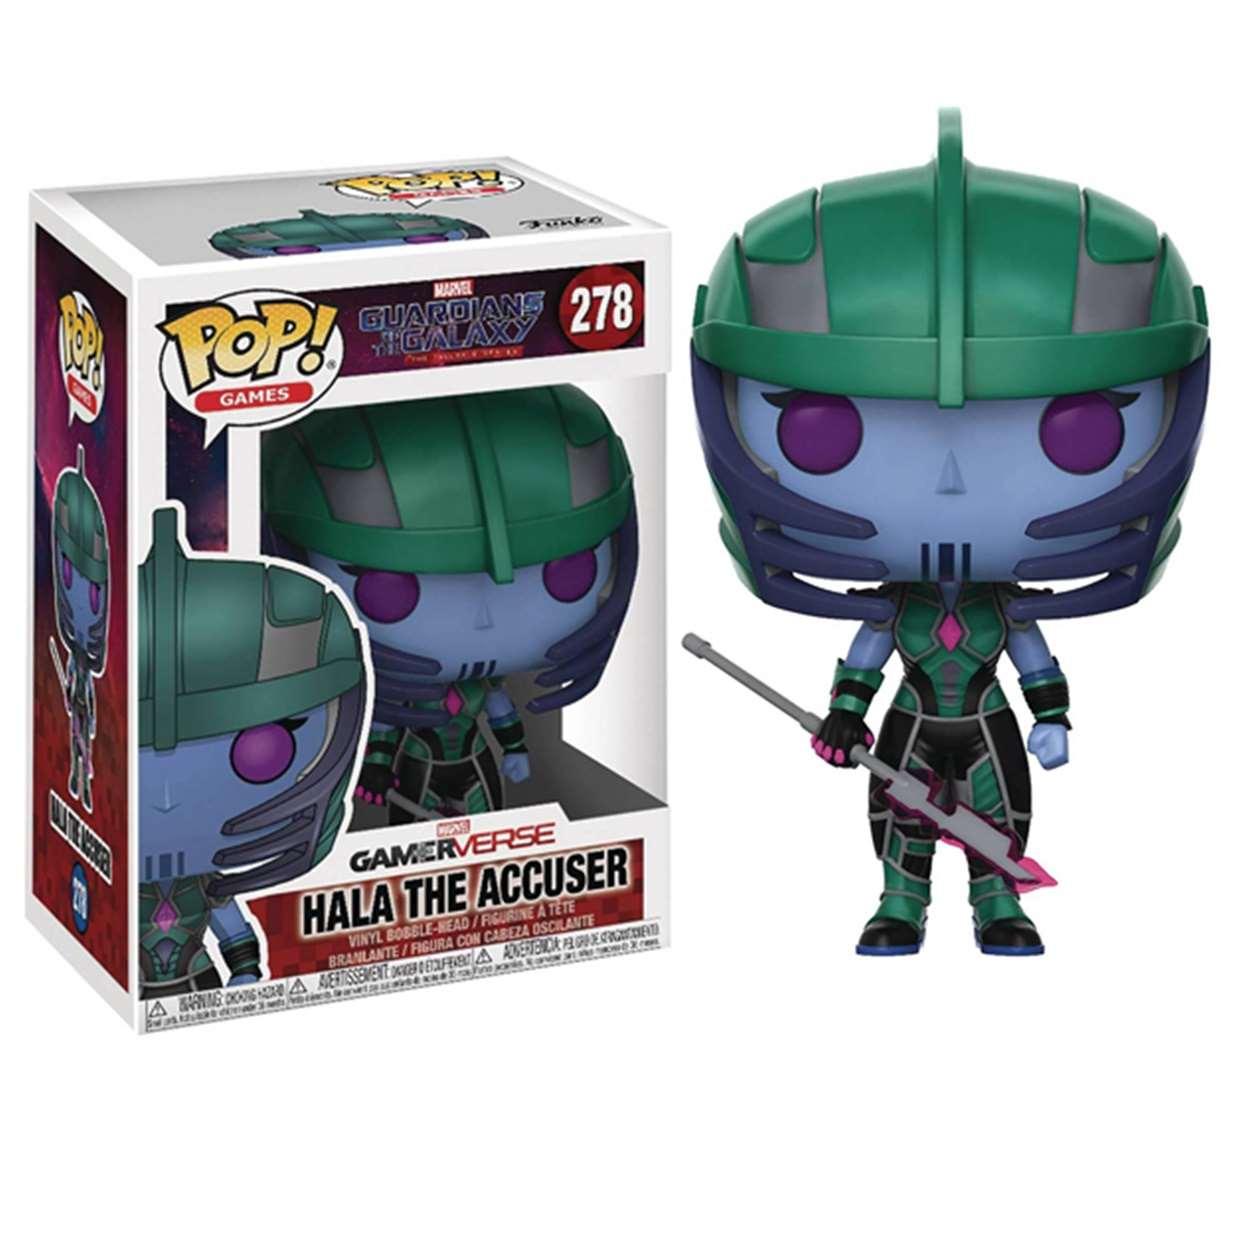 Hala The Accuser #278 Guardianes De La Galaxia Gamerverse